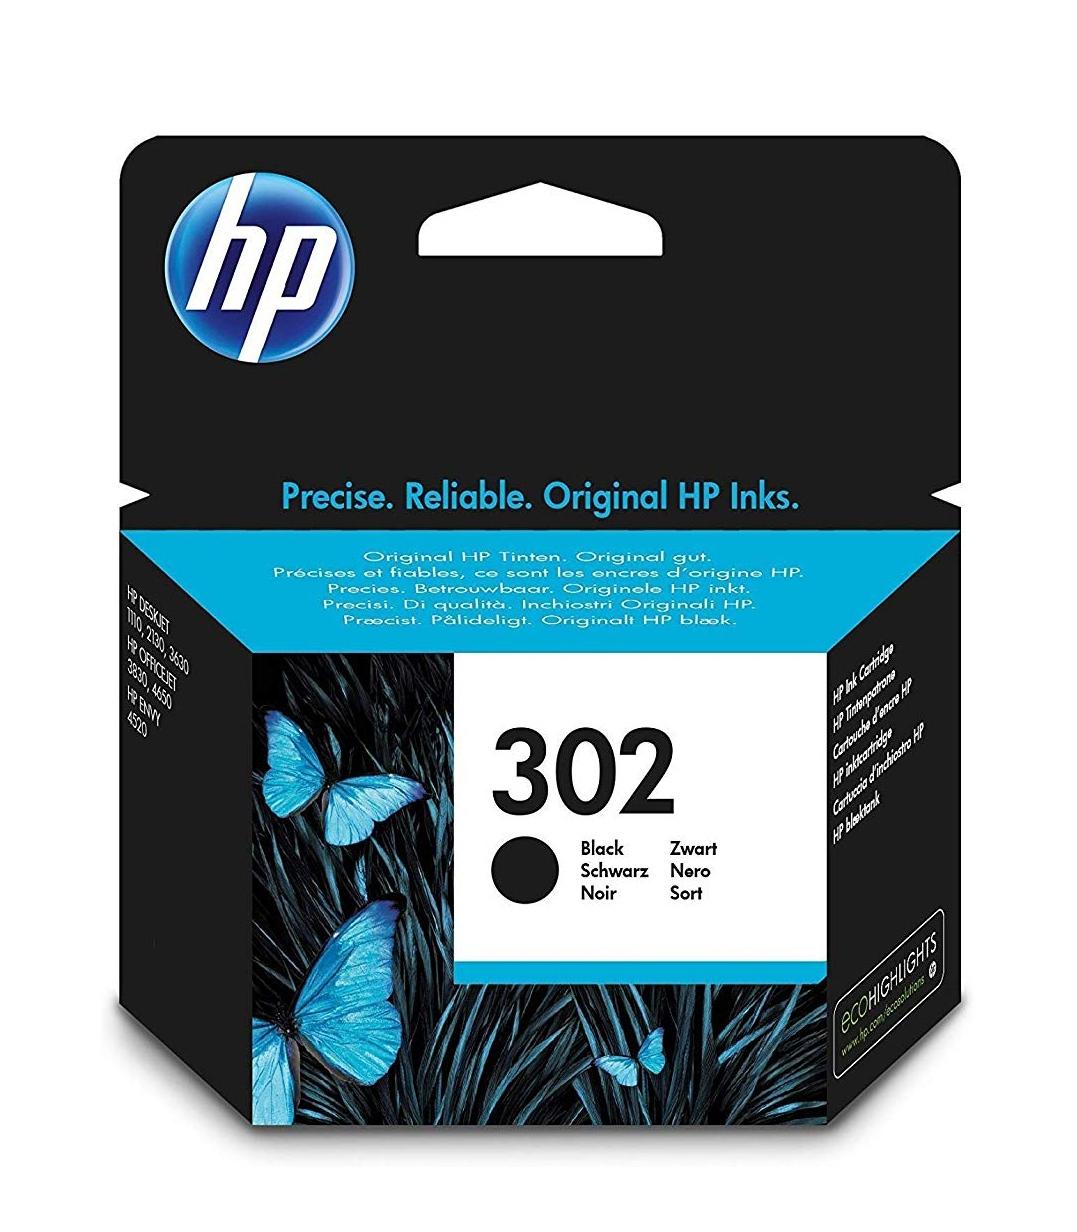 HP 302 - Cartucho de tinta Original Negro, 4,07€ descuento al tramitar y otros